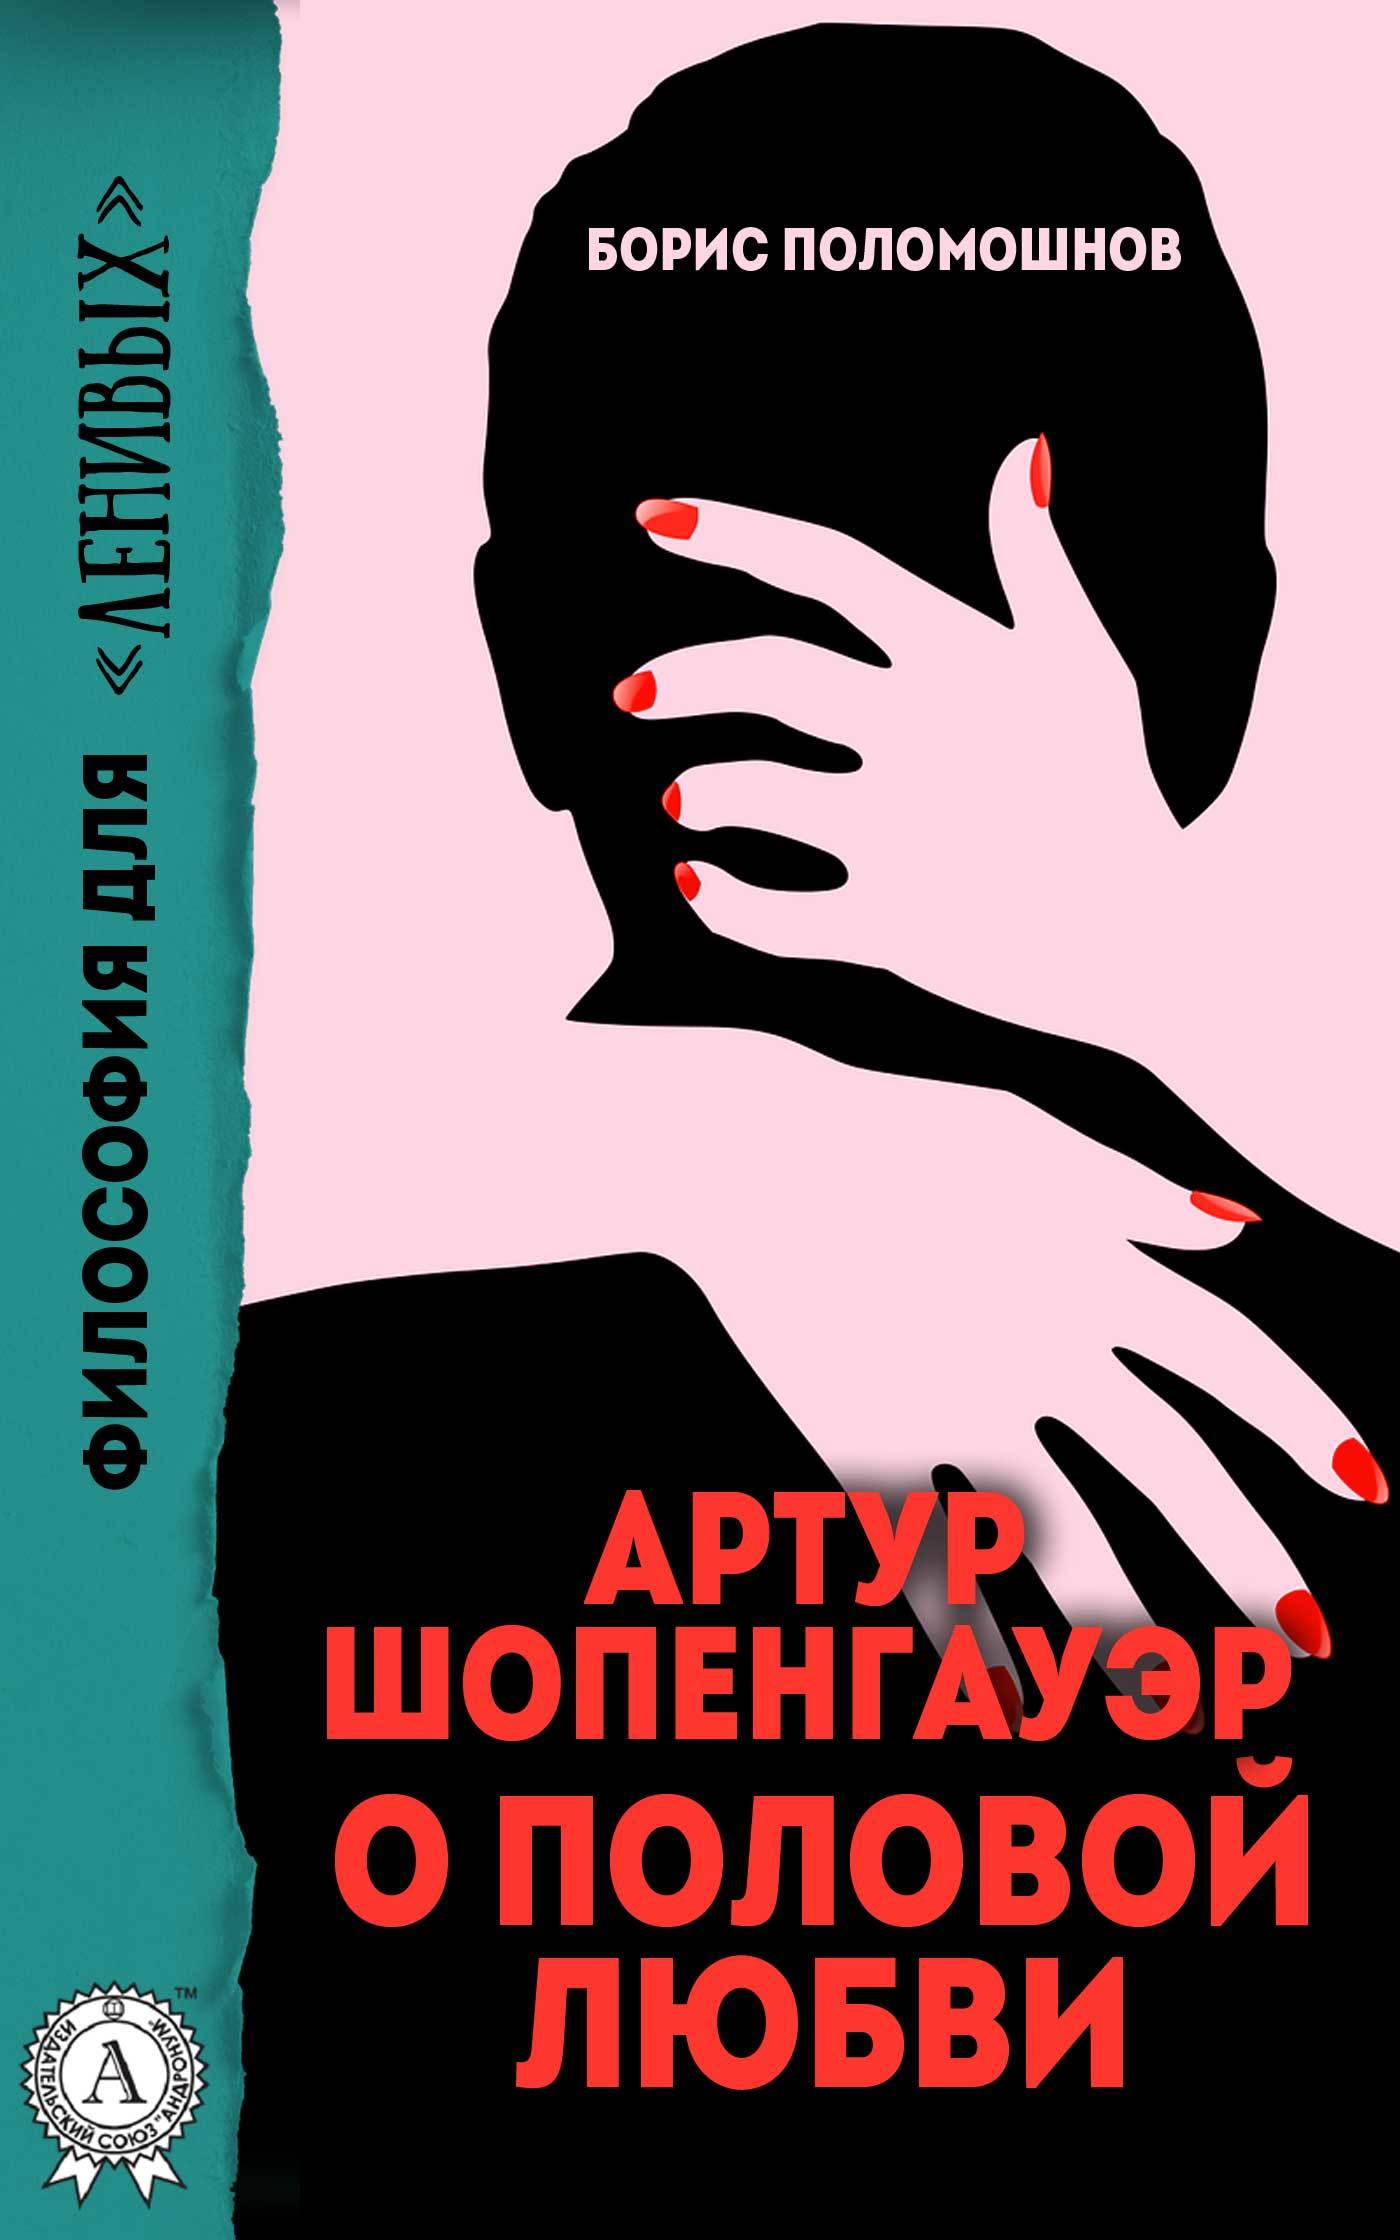 Борис Поломошнов - Артур Шопенгауэр о половой любви